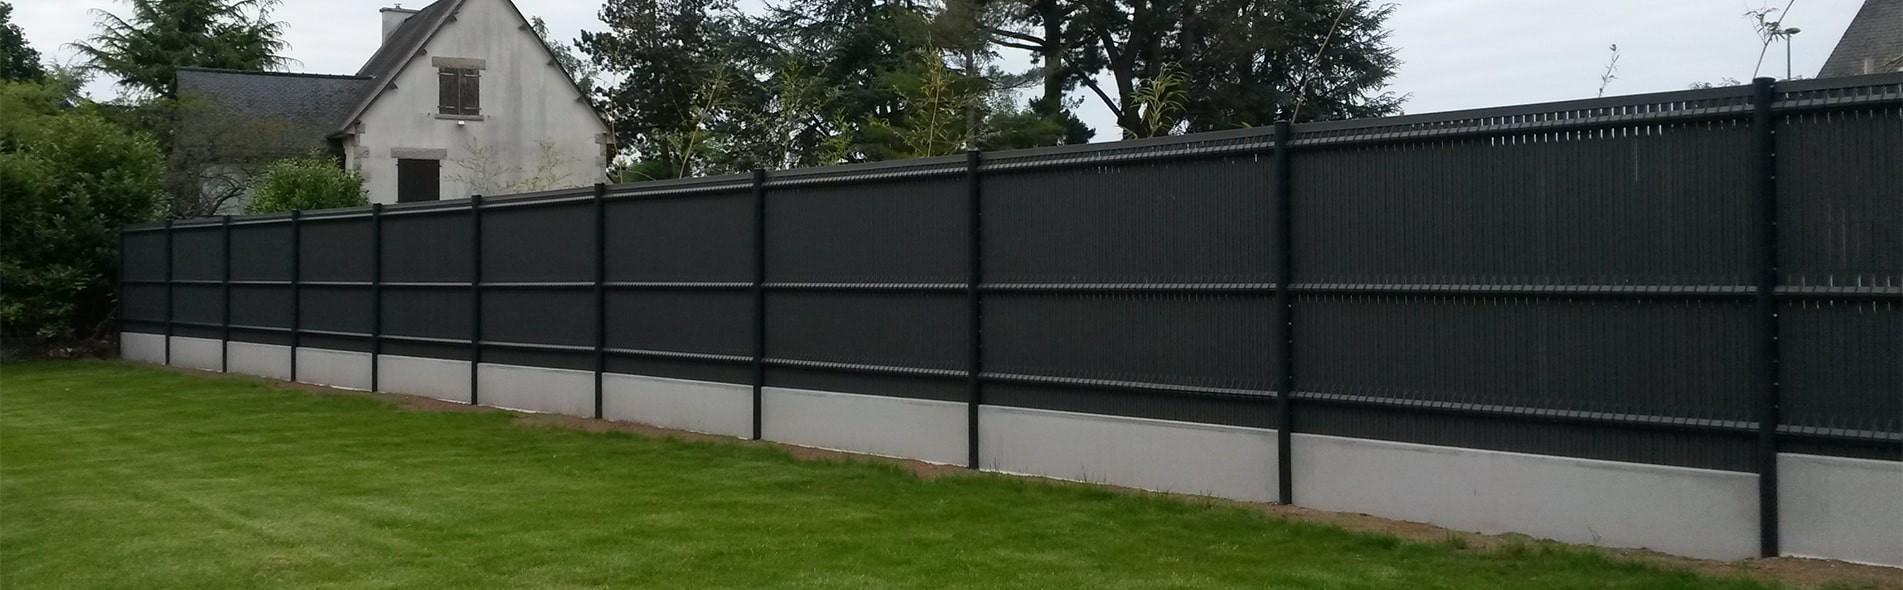 Vente De Clôtures Rigides (Pvc, Alu) Grillages & Portails concernant Barrière De Jardin Pas Cher